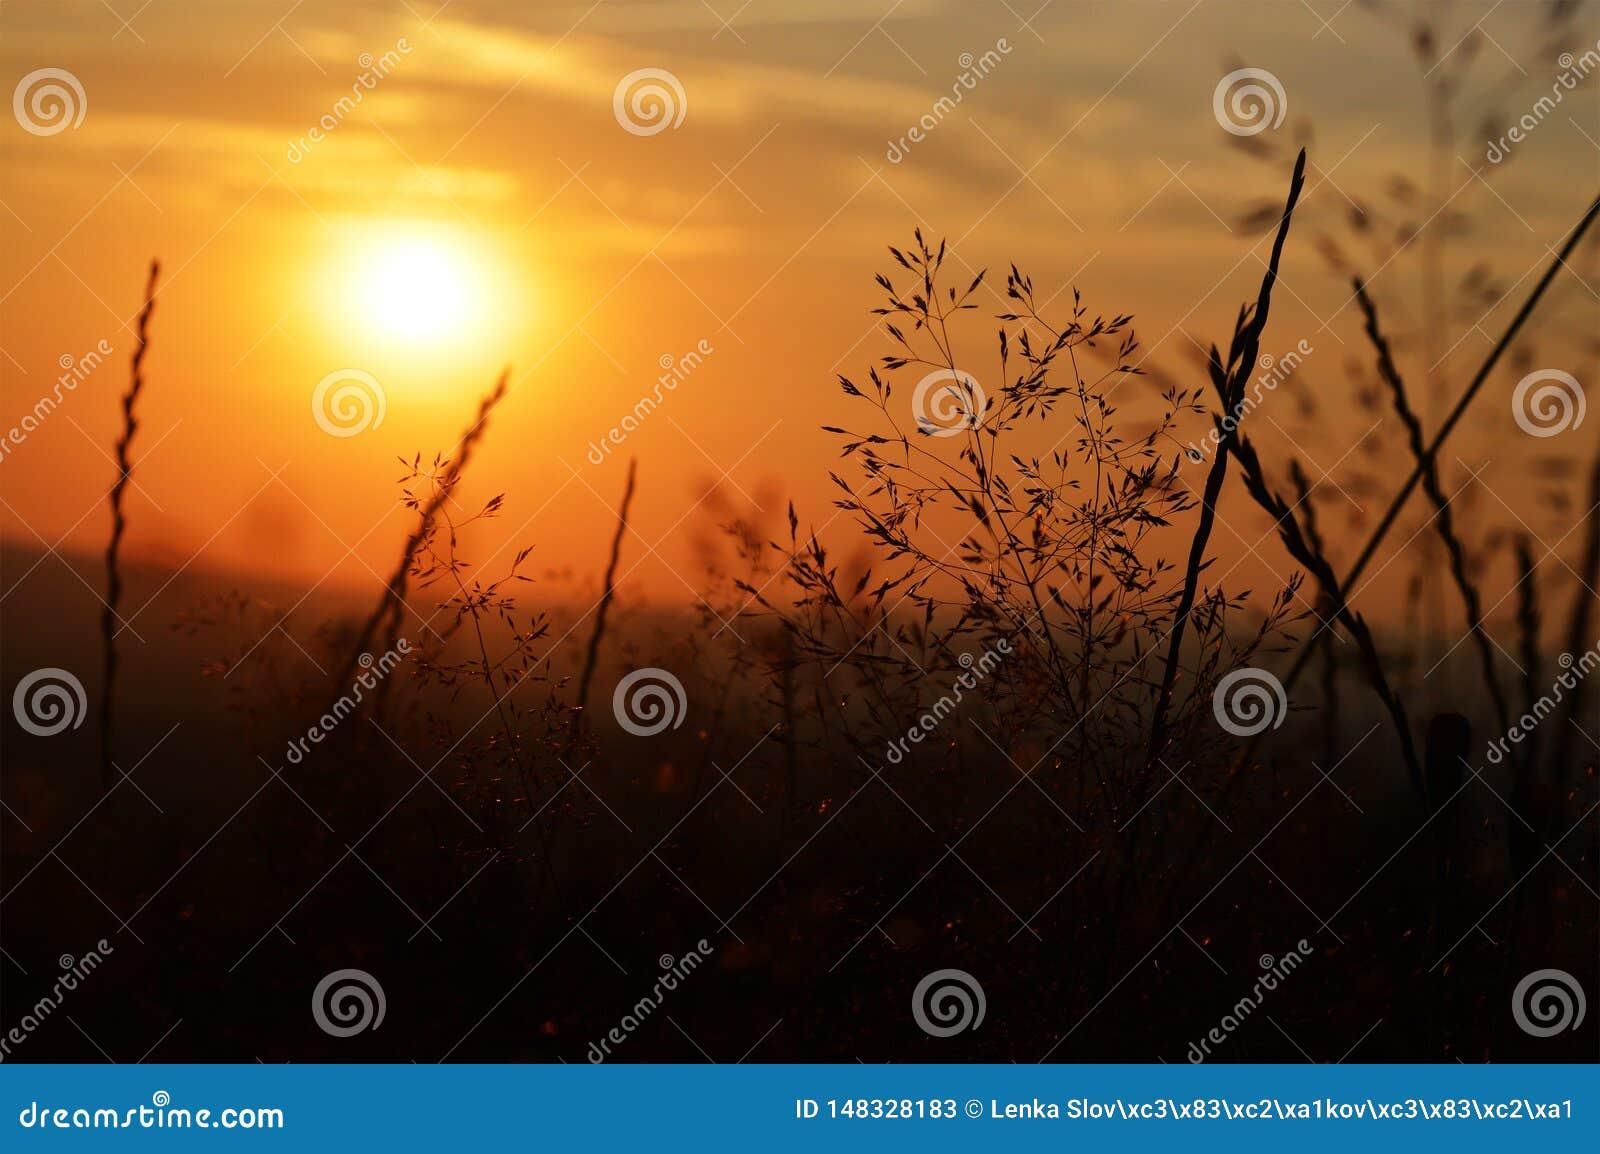 Μαγικό ηλιοβασίλεμα βραδιού στη φύση